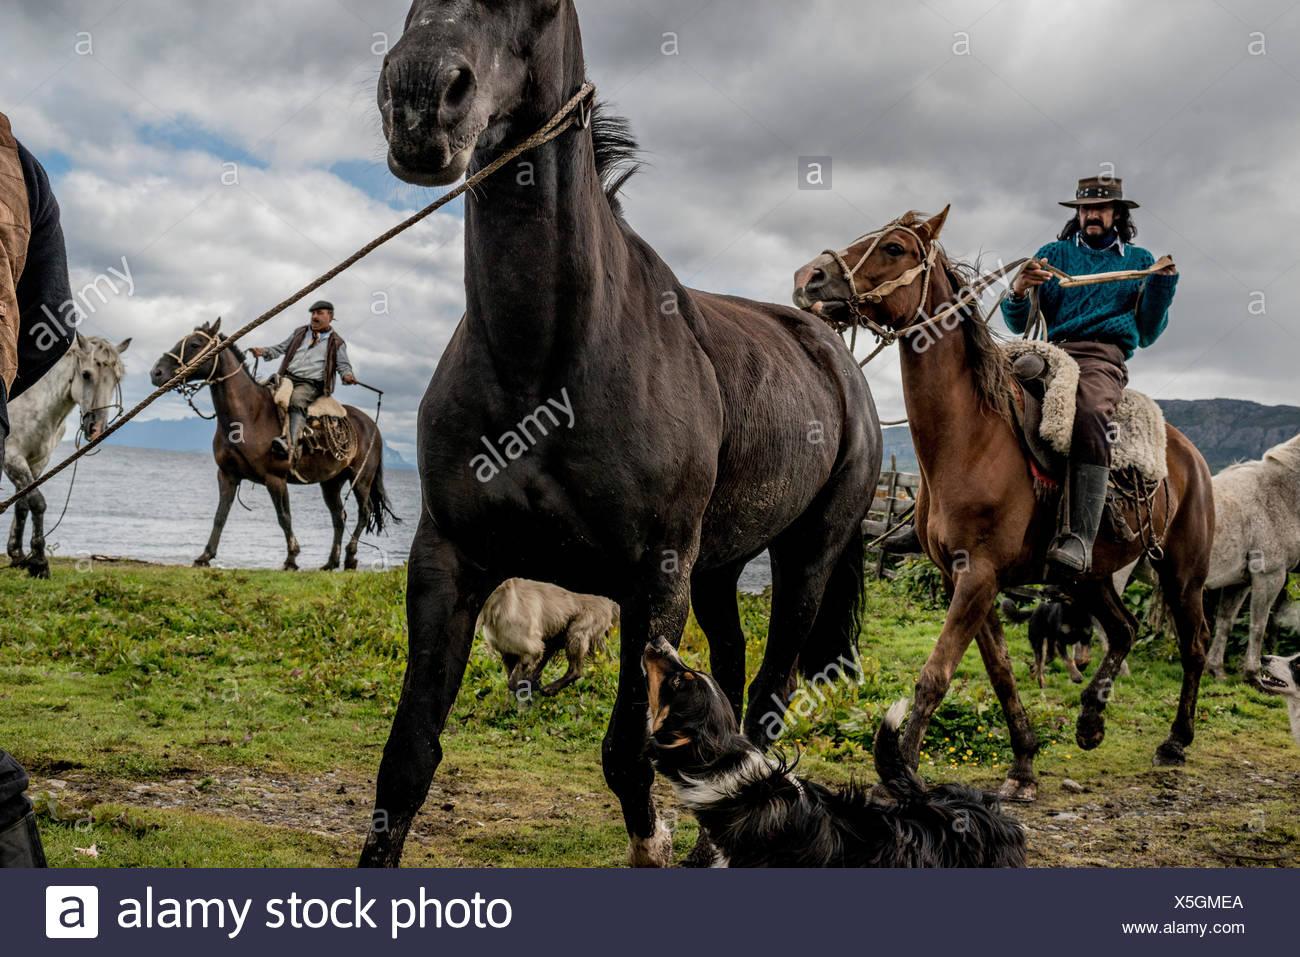 Bagualeros, o cowboy che cattura di animali selvatici, allevamento cavalli per il branding in un ranch. Immagini Stock